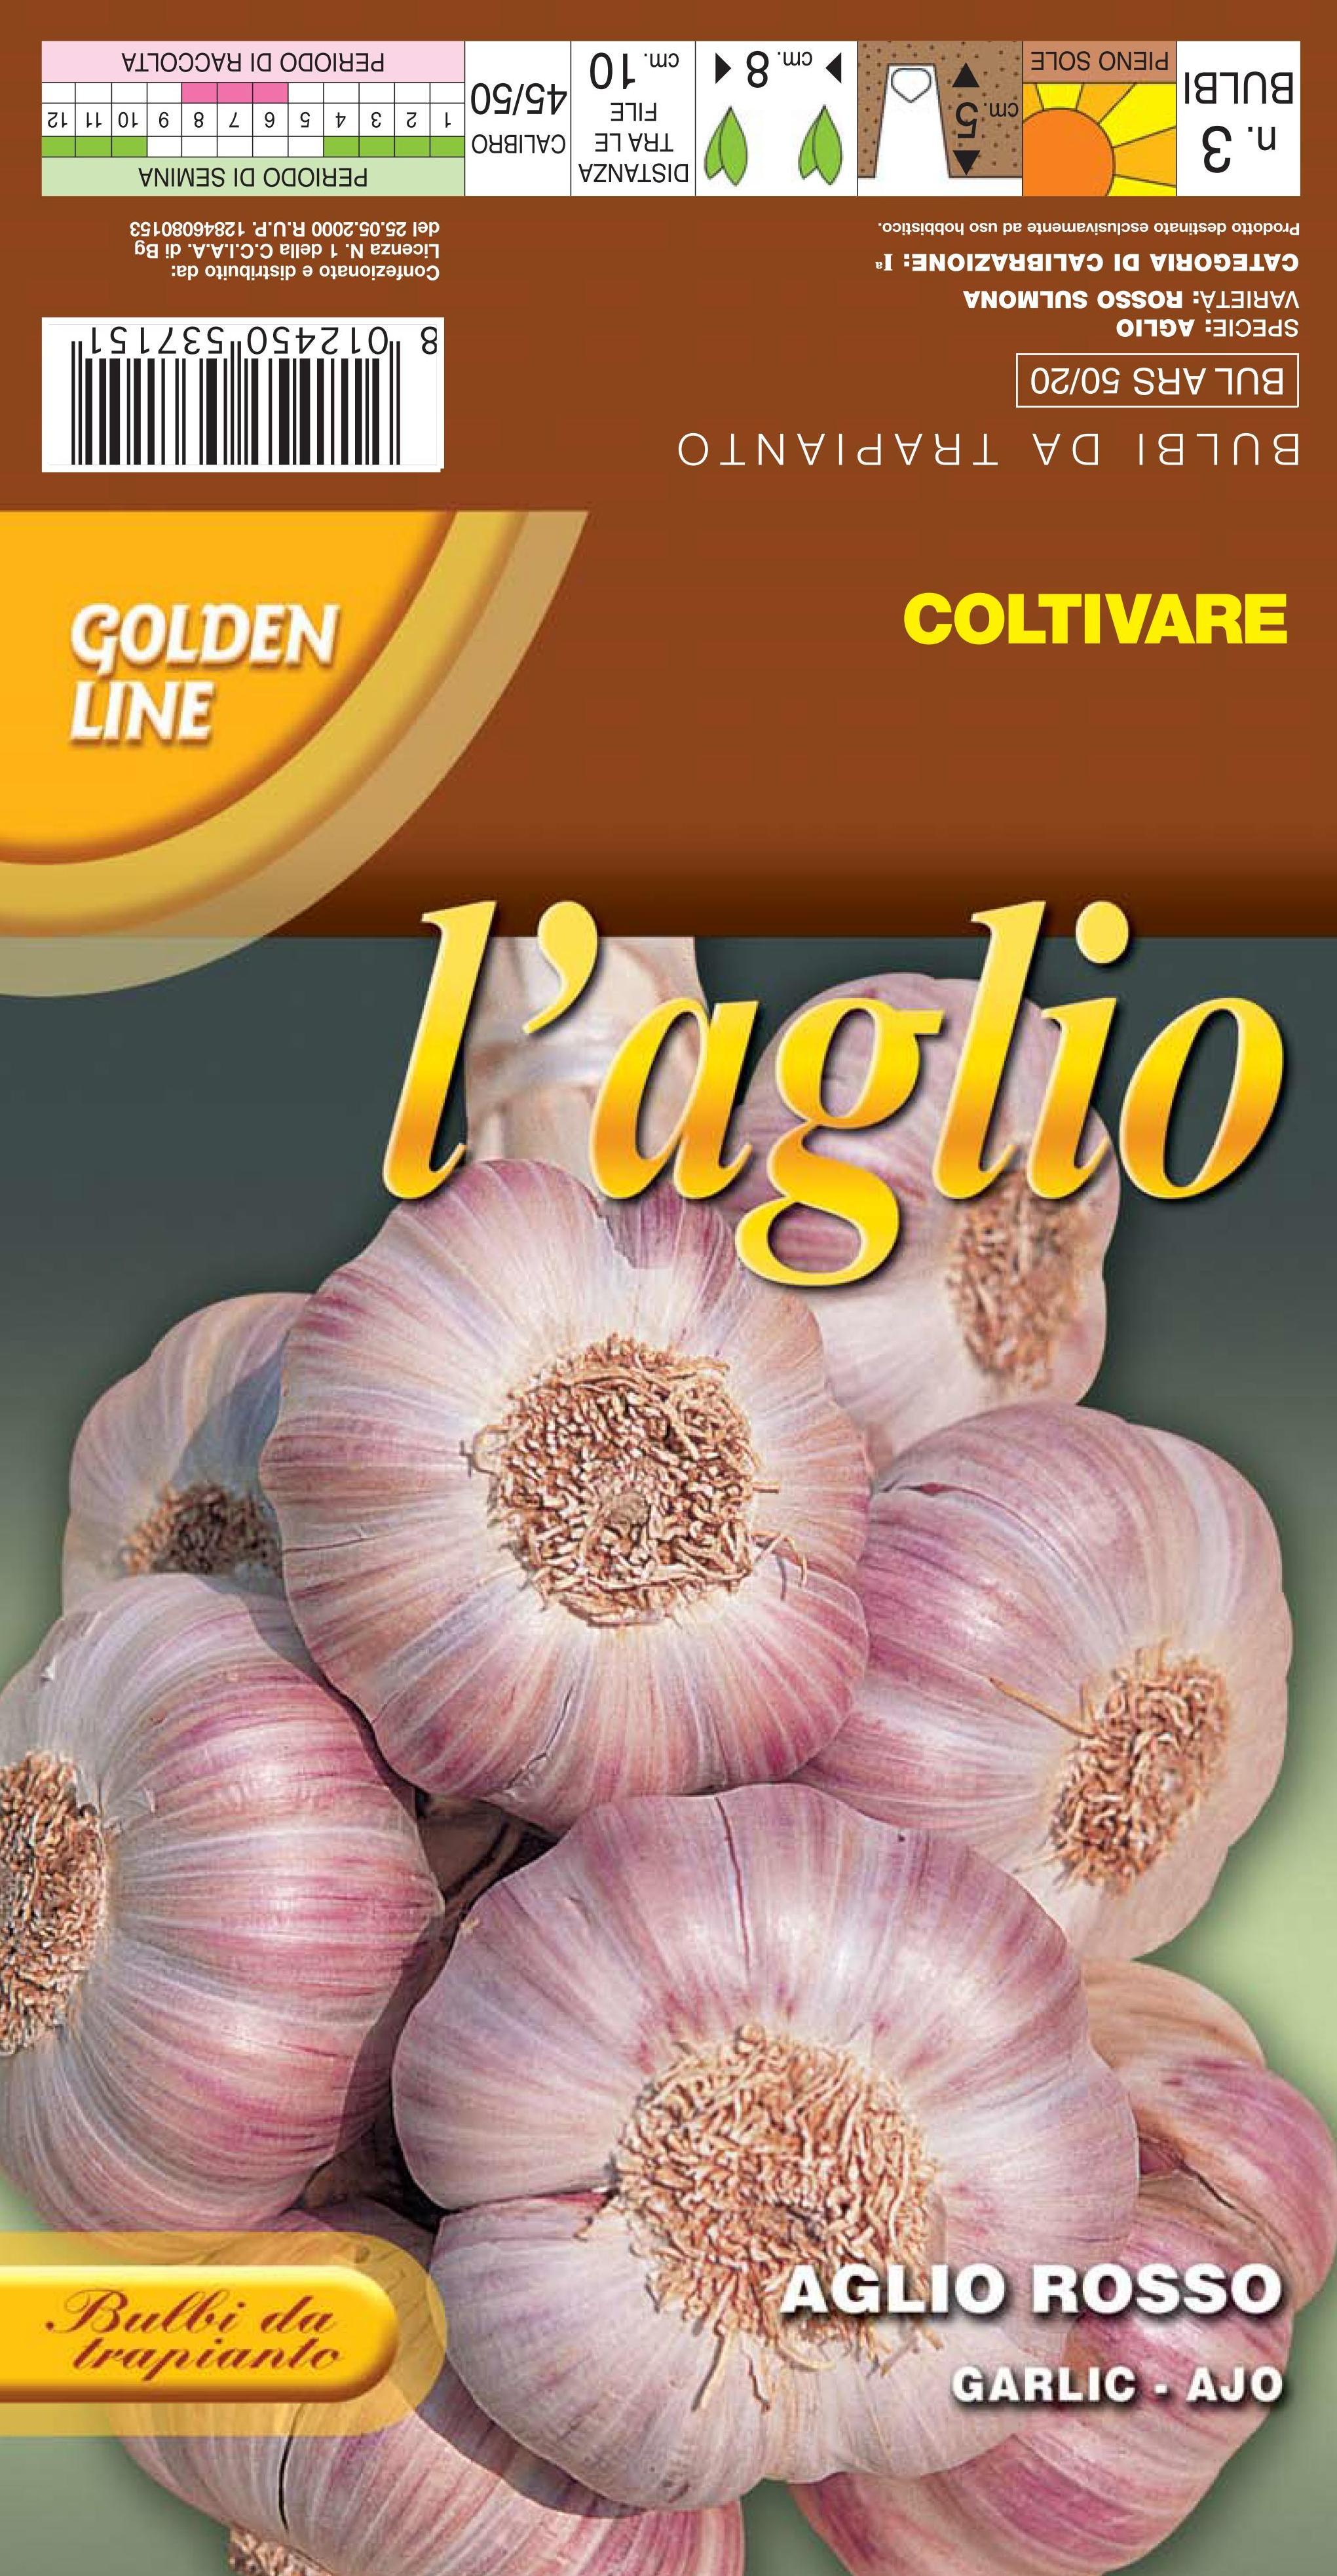 Italian Garlic rossa di Sulmona  (A) Allium Sativum L.